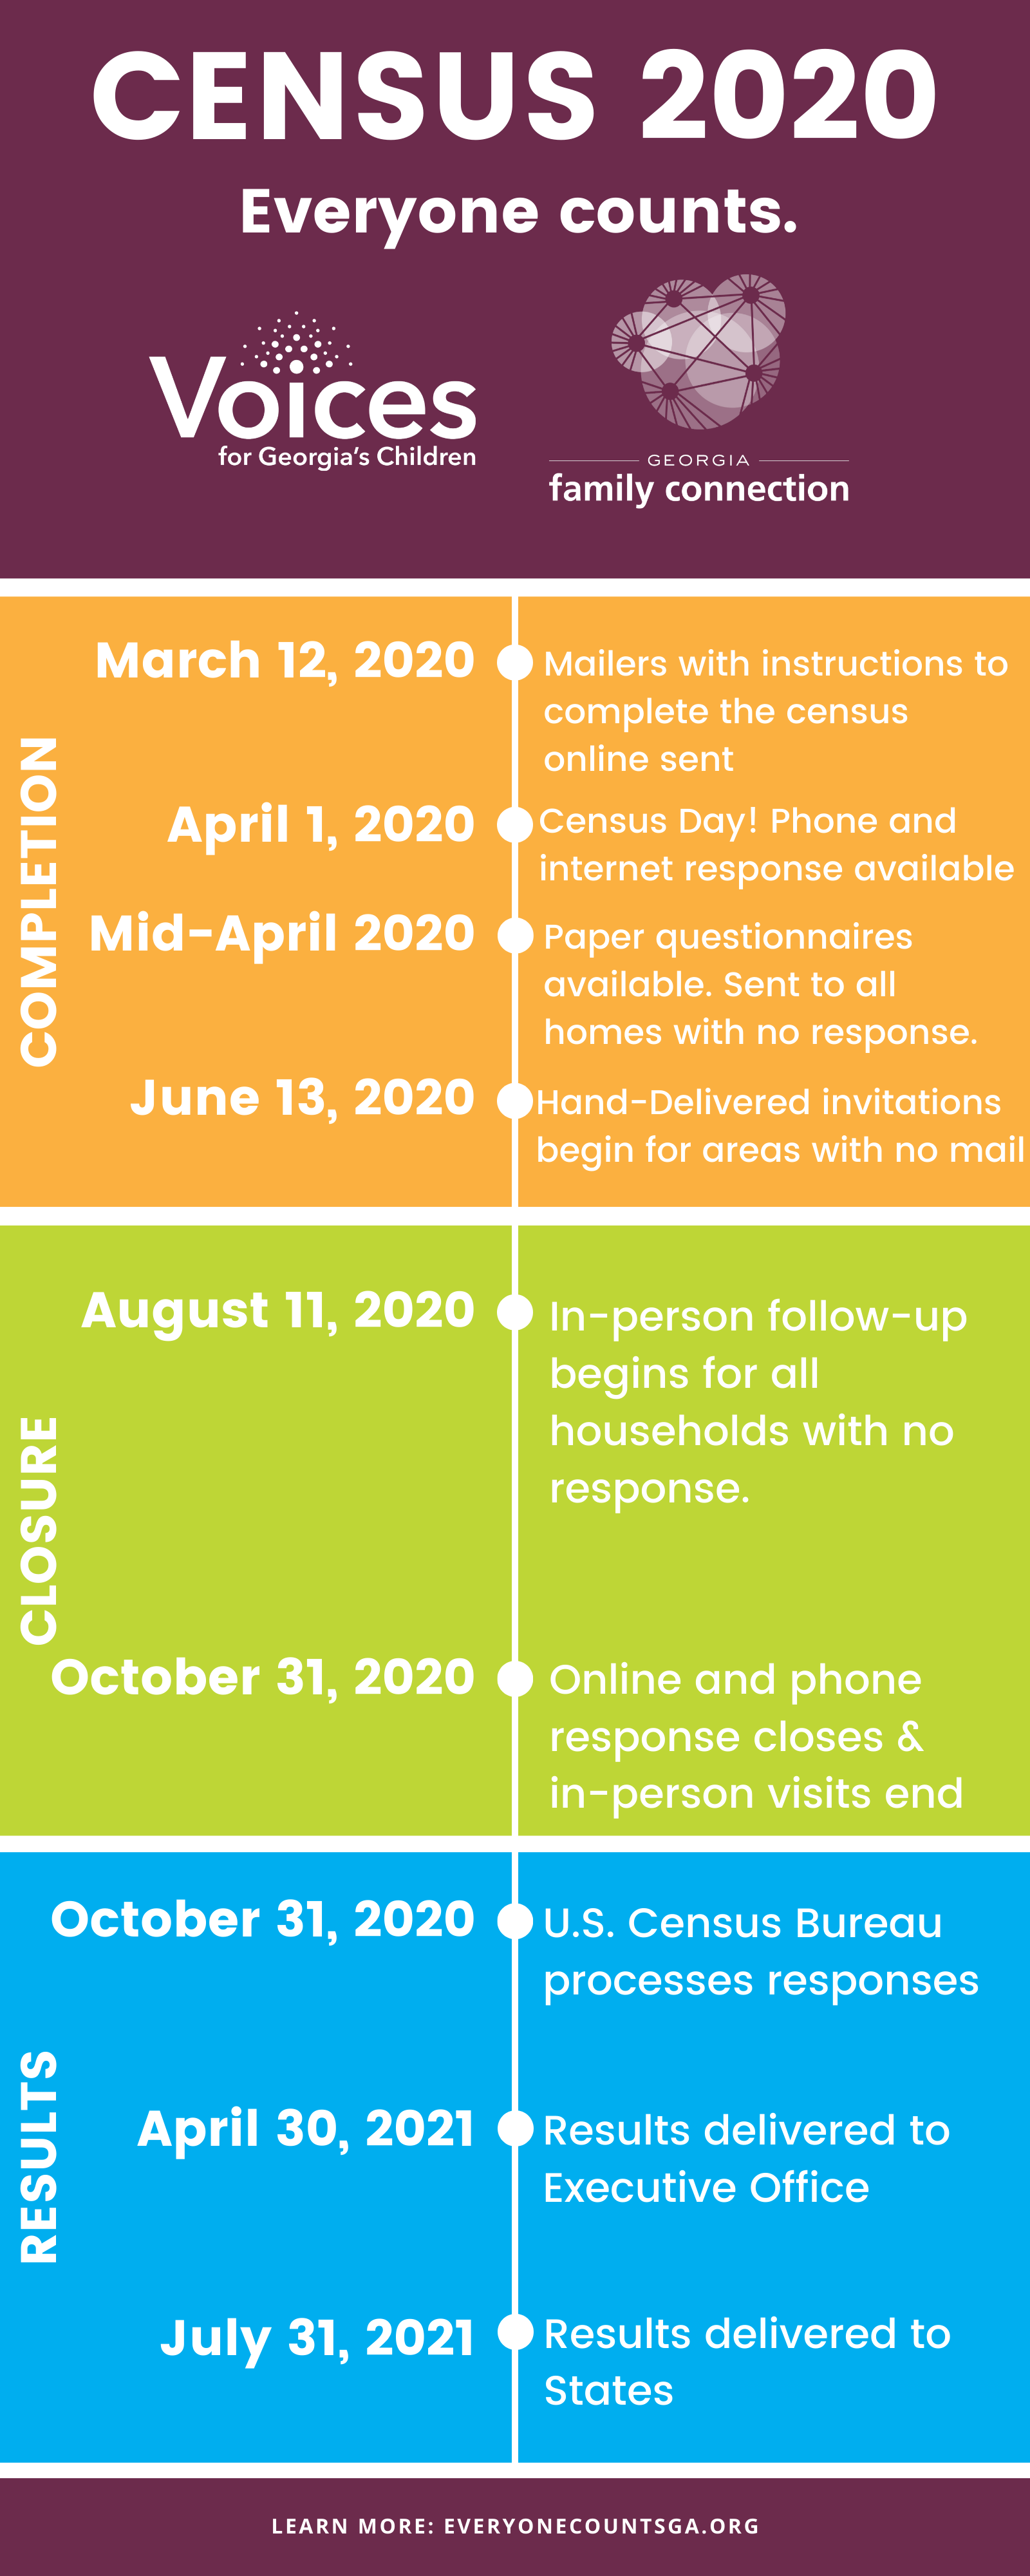 CENSUS 2020 UPDATE